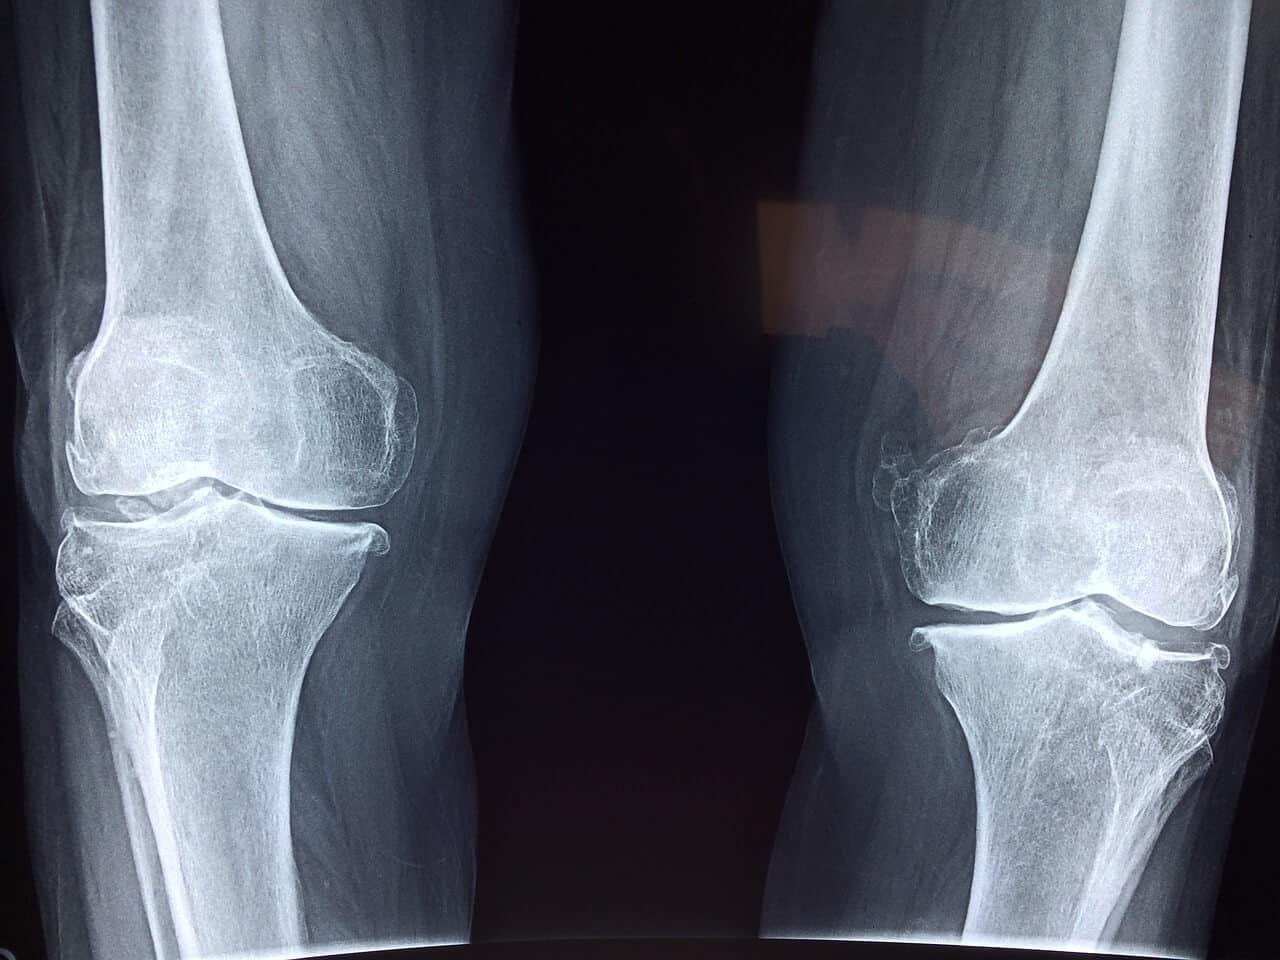 Osteoporose vorbeugen